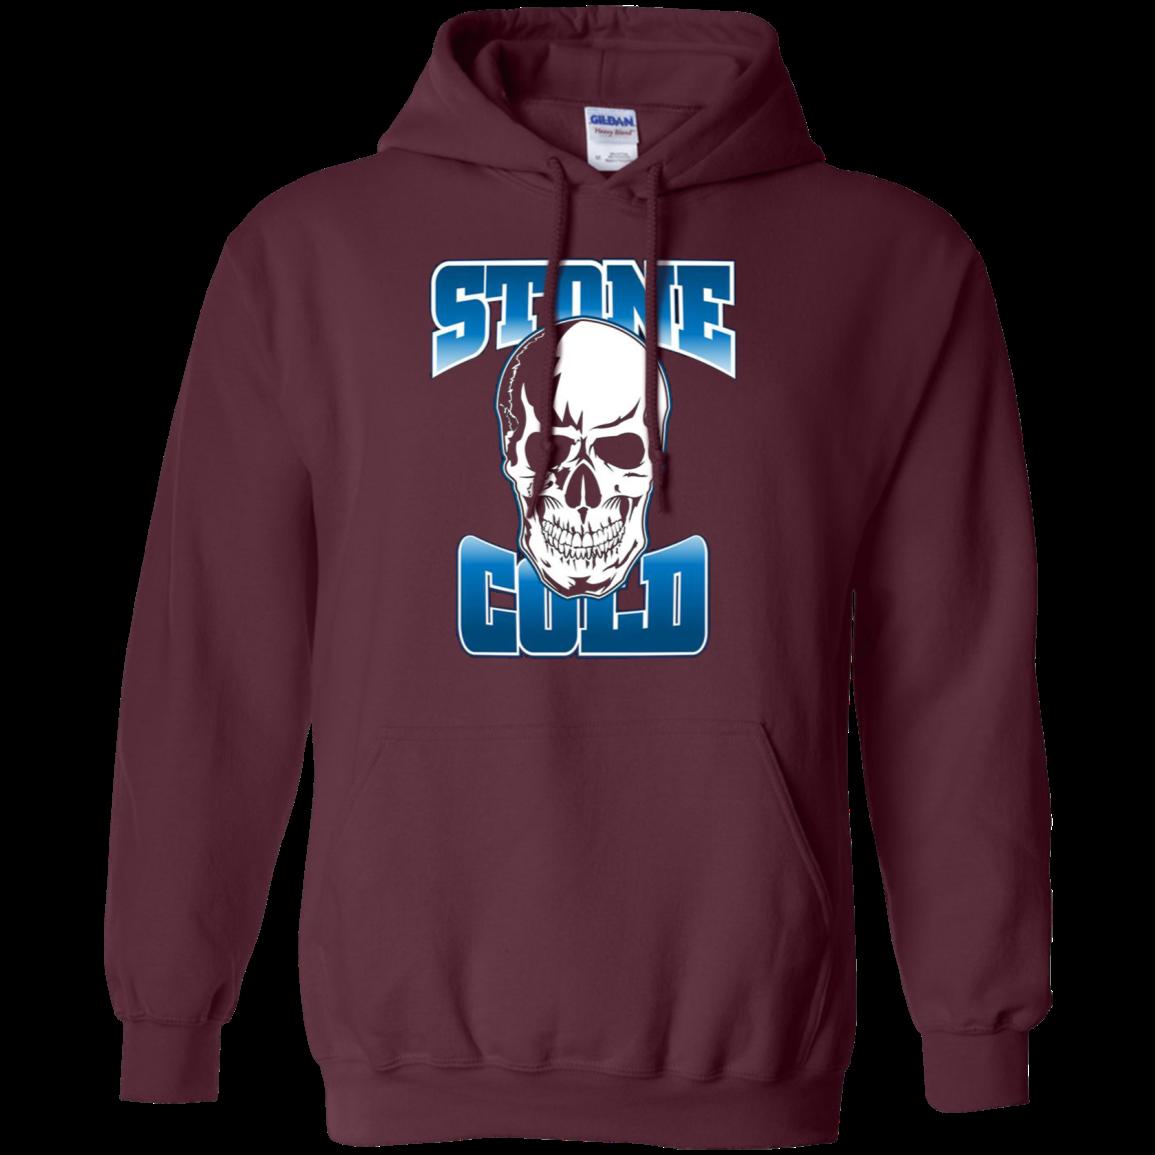 Stone Cold Steve Austin Hoodie In 2021 Hoodies Hoodie Shirt Pullover Hoodie